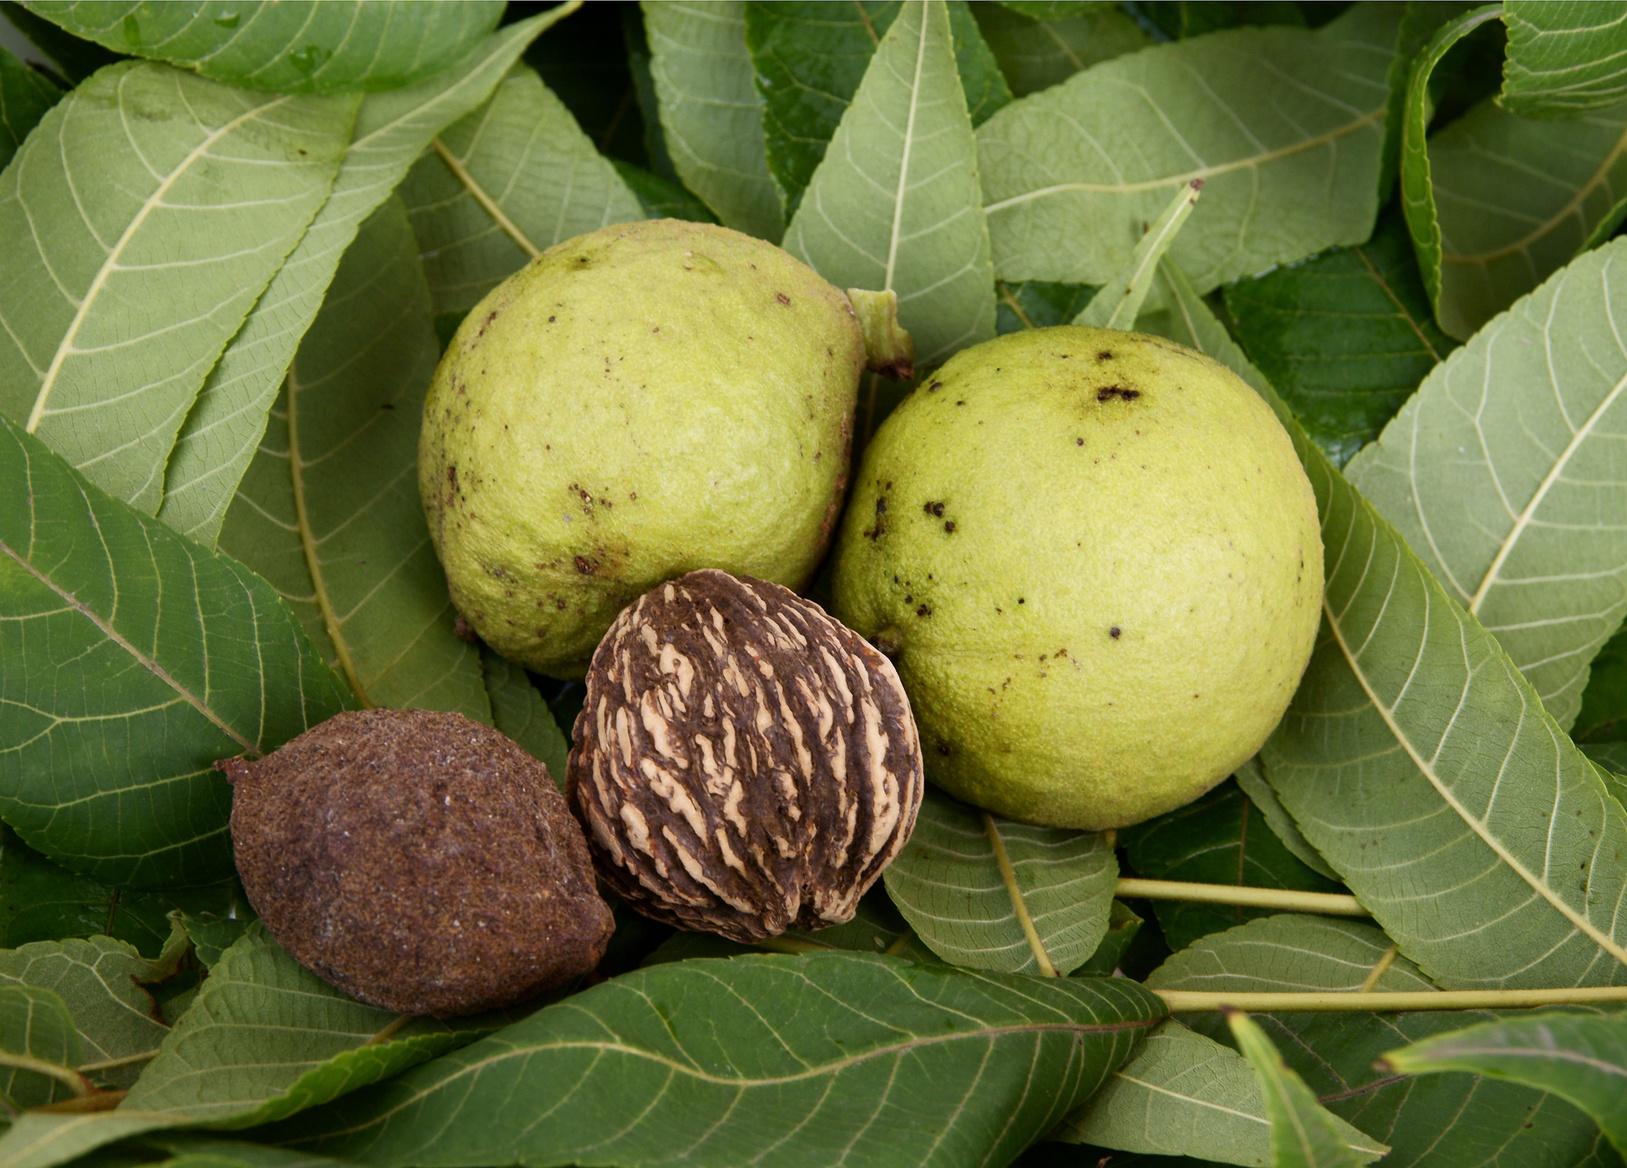 fruitsand leaves of black walnut tree